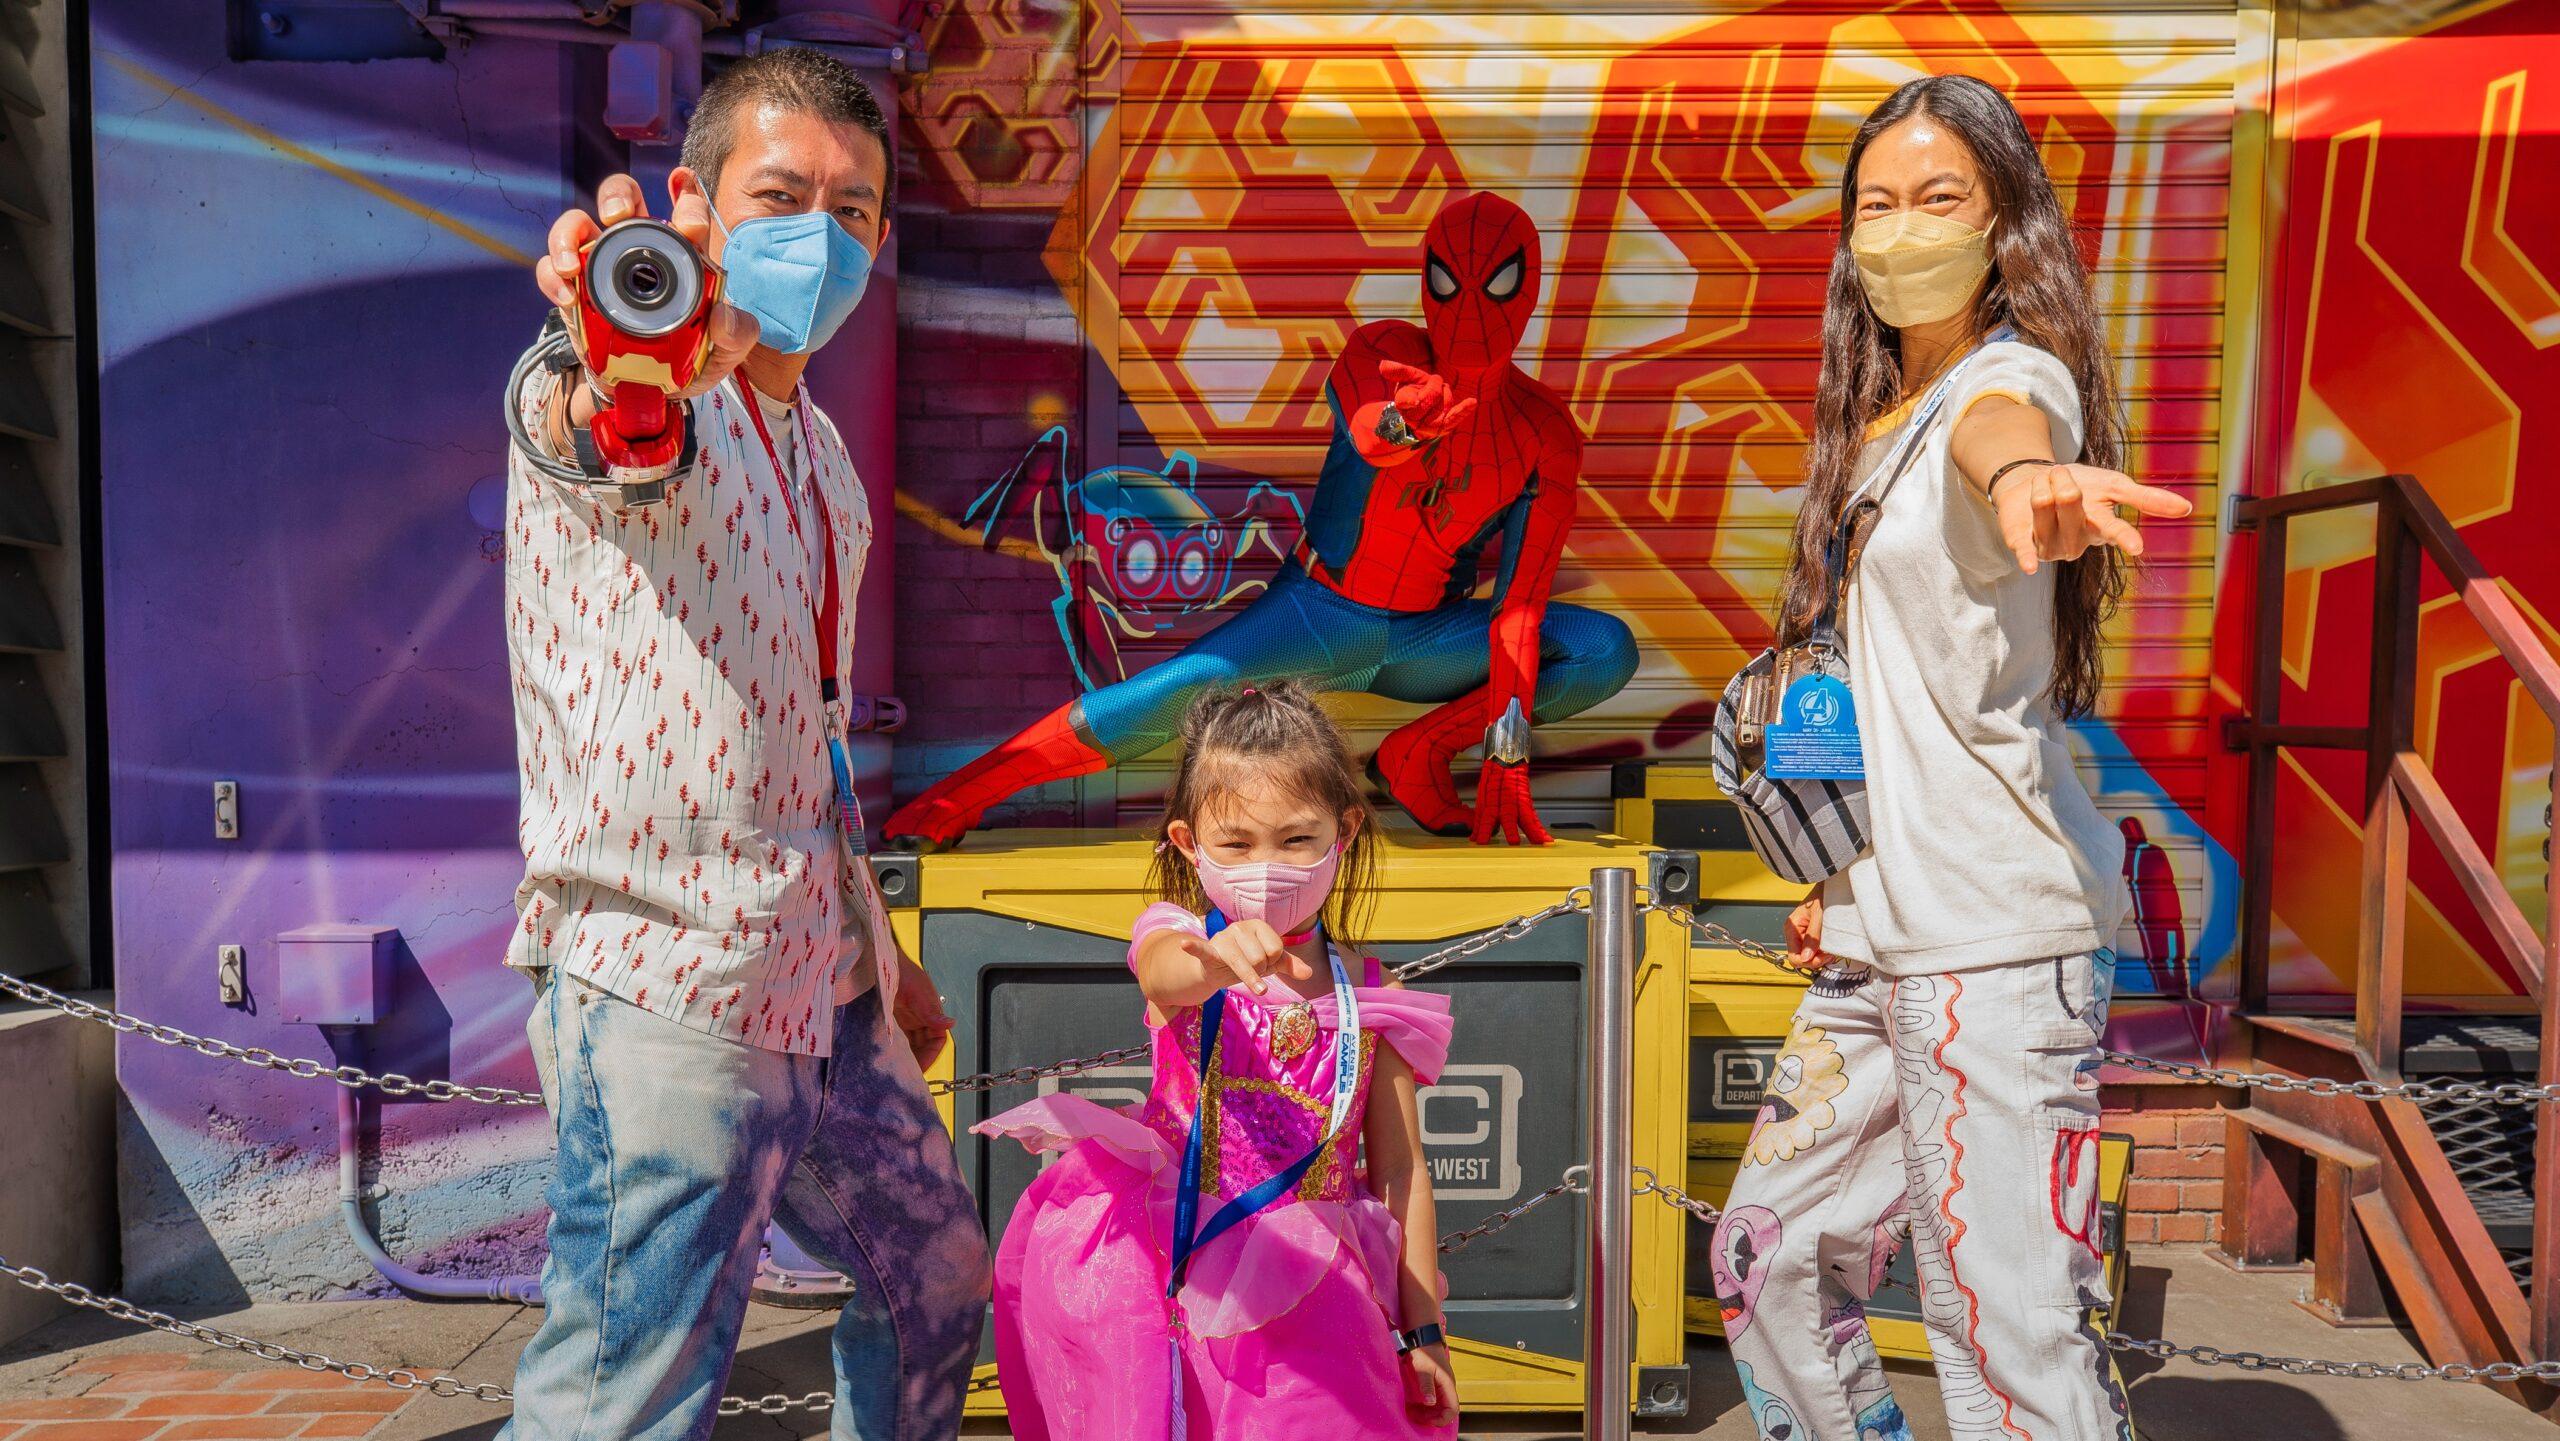 陳冠希到迪斯尼樂園度假區參加複仇者聯盟校園的盛大開幕儀式